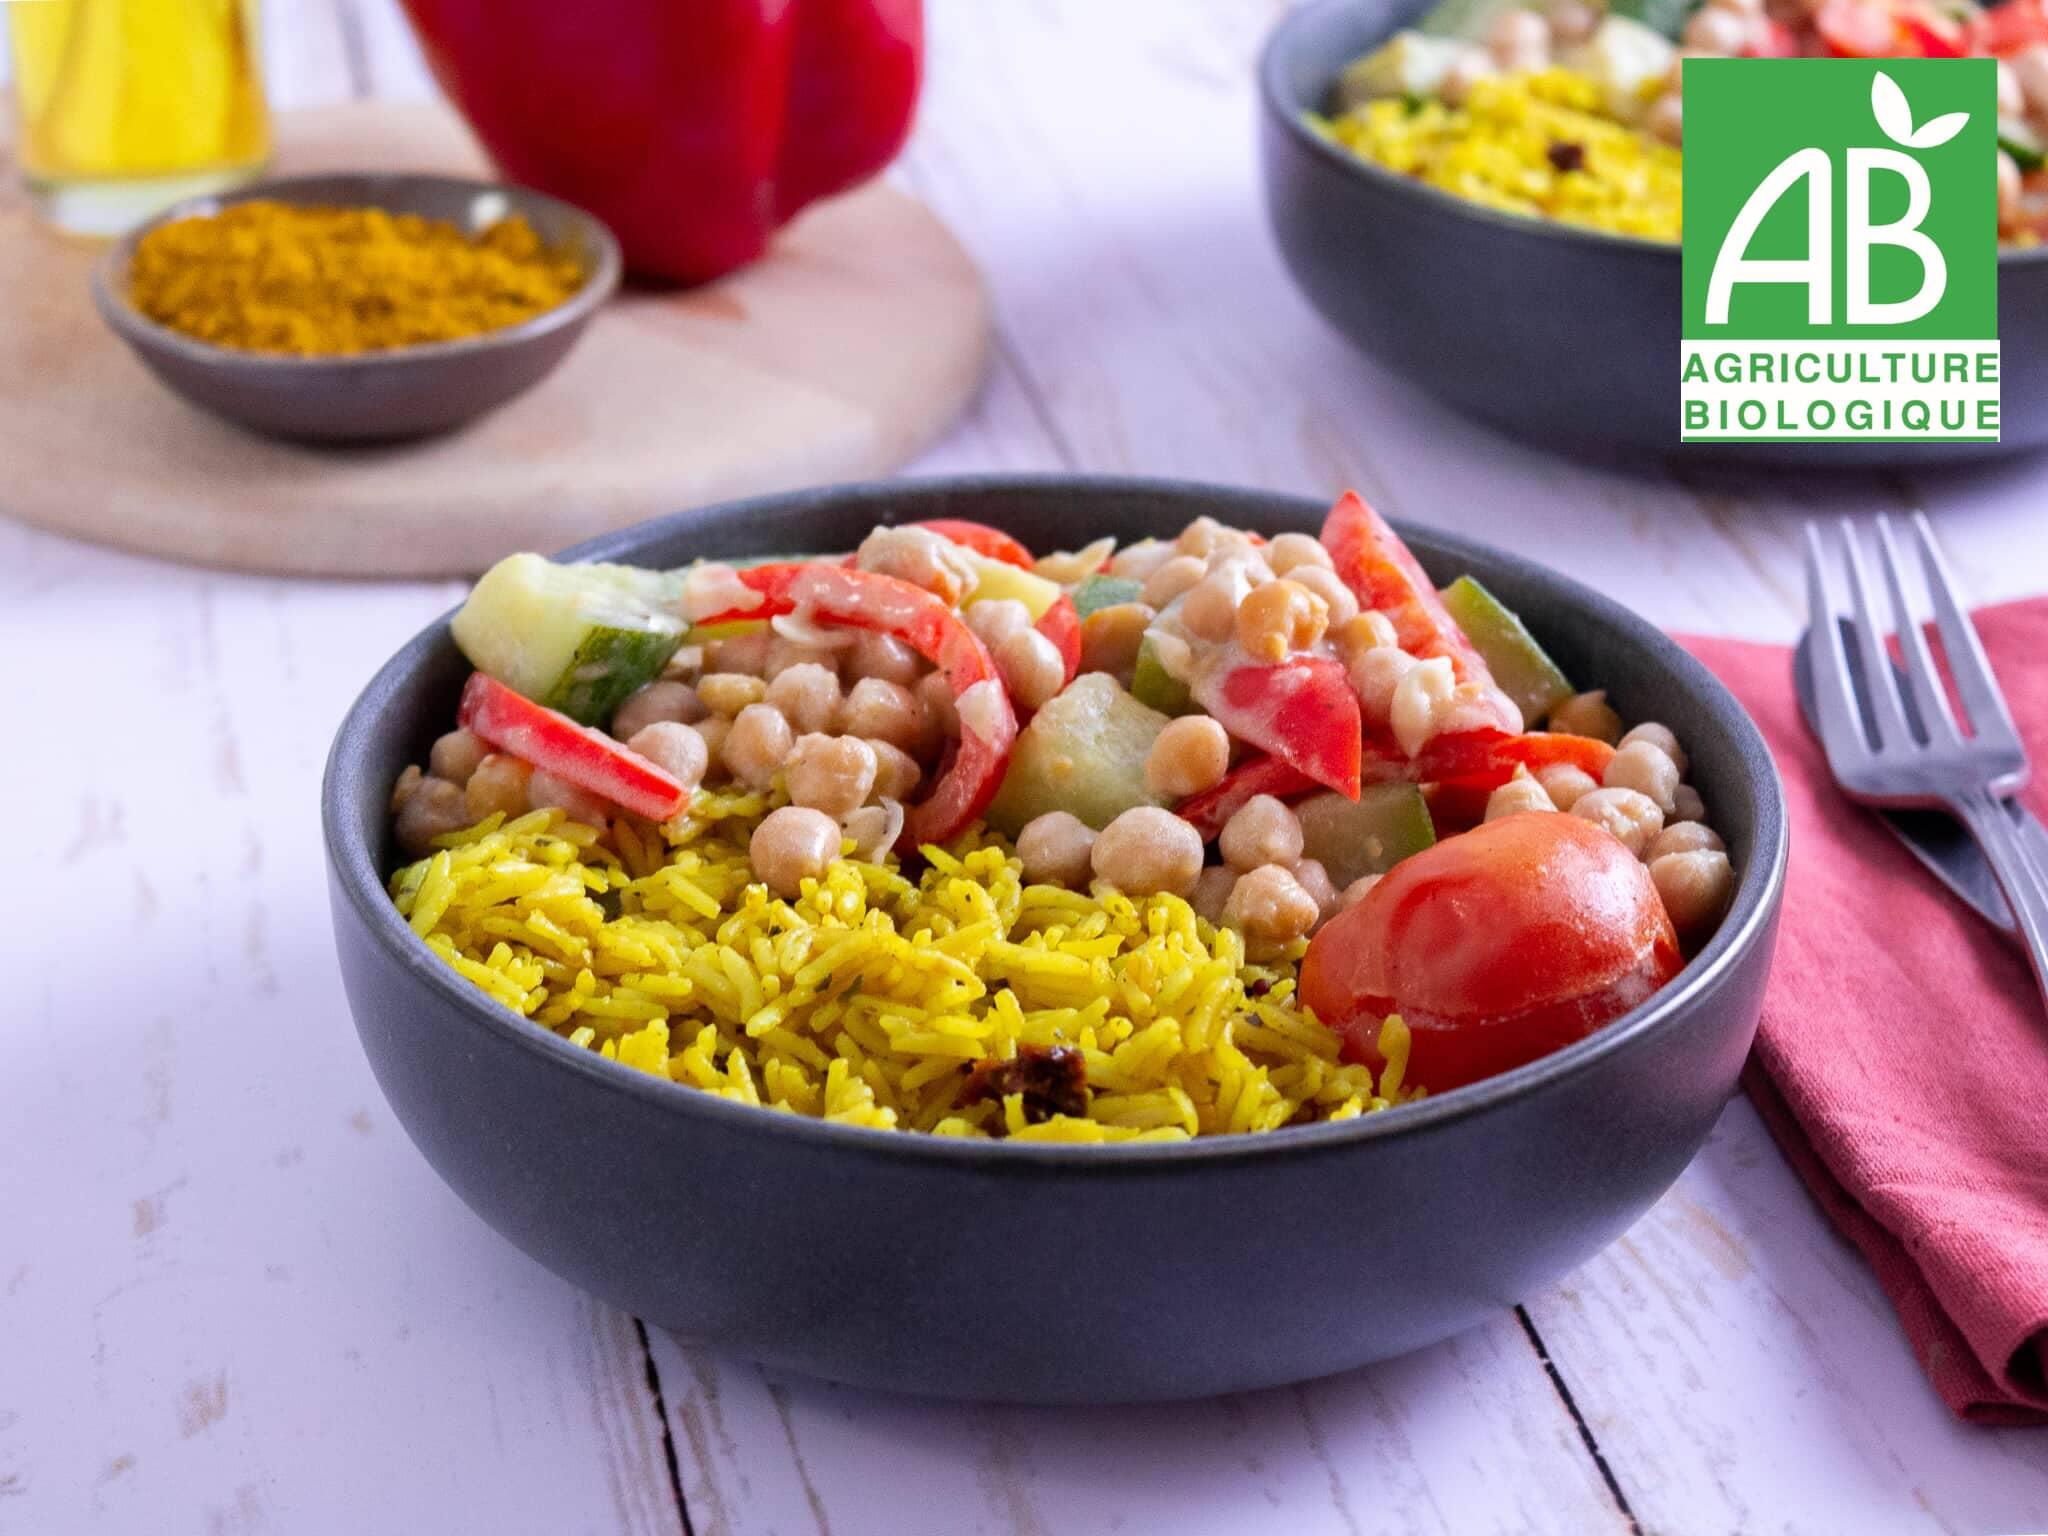 Recette 1 - Légumes au lait de coco et riz au curcuma